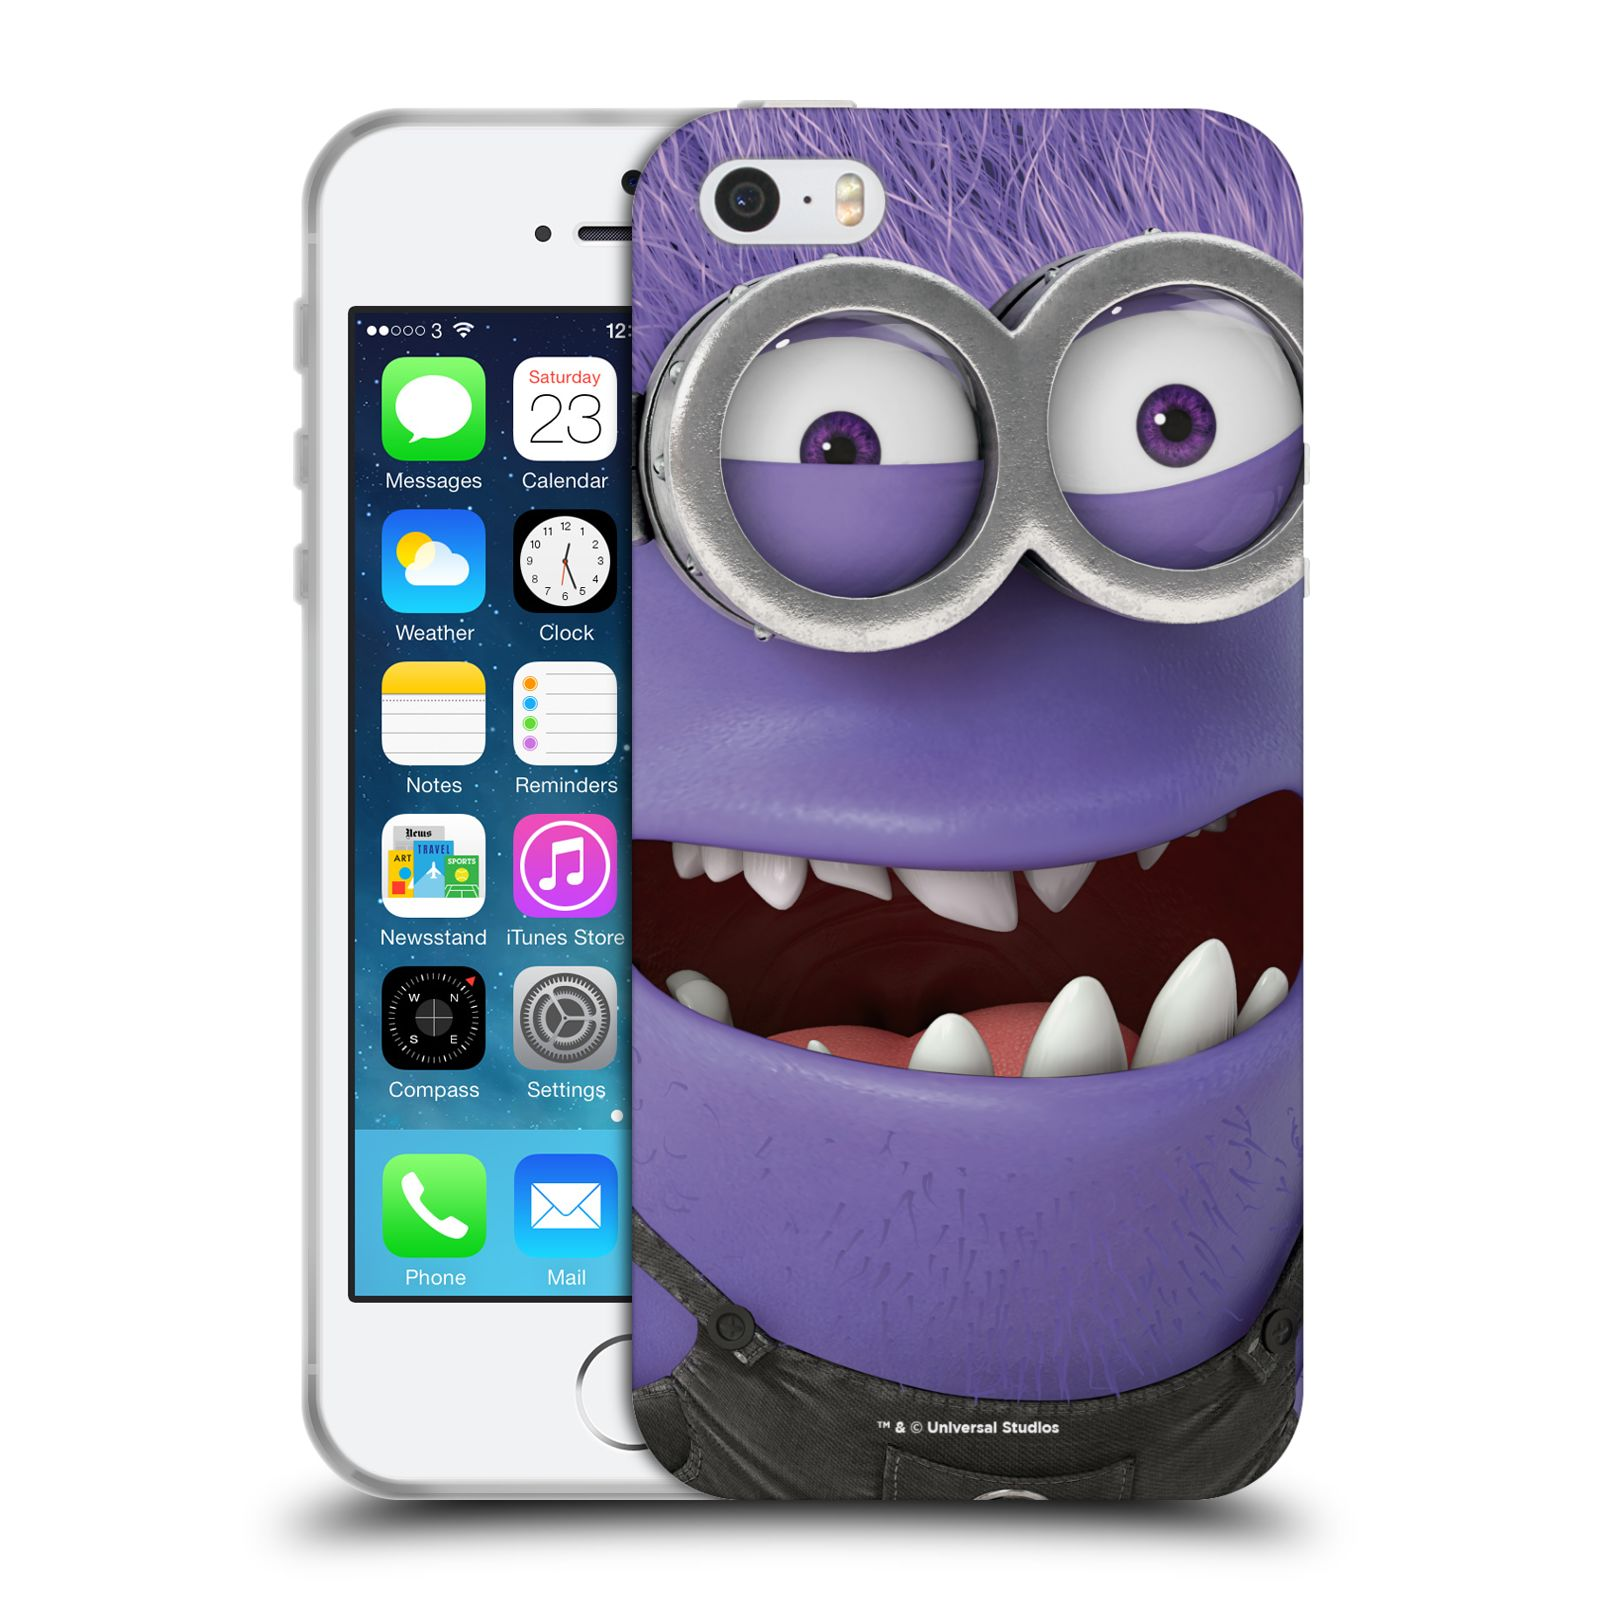 Silikonové pouzdro na mobil Apple iPhone 5, 5S, SE - Head Case - Zlý Mimoň z filmu Já, padouch - Despicable Me